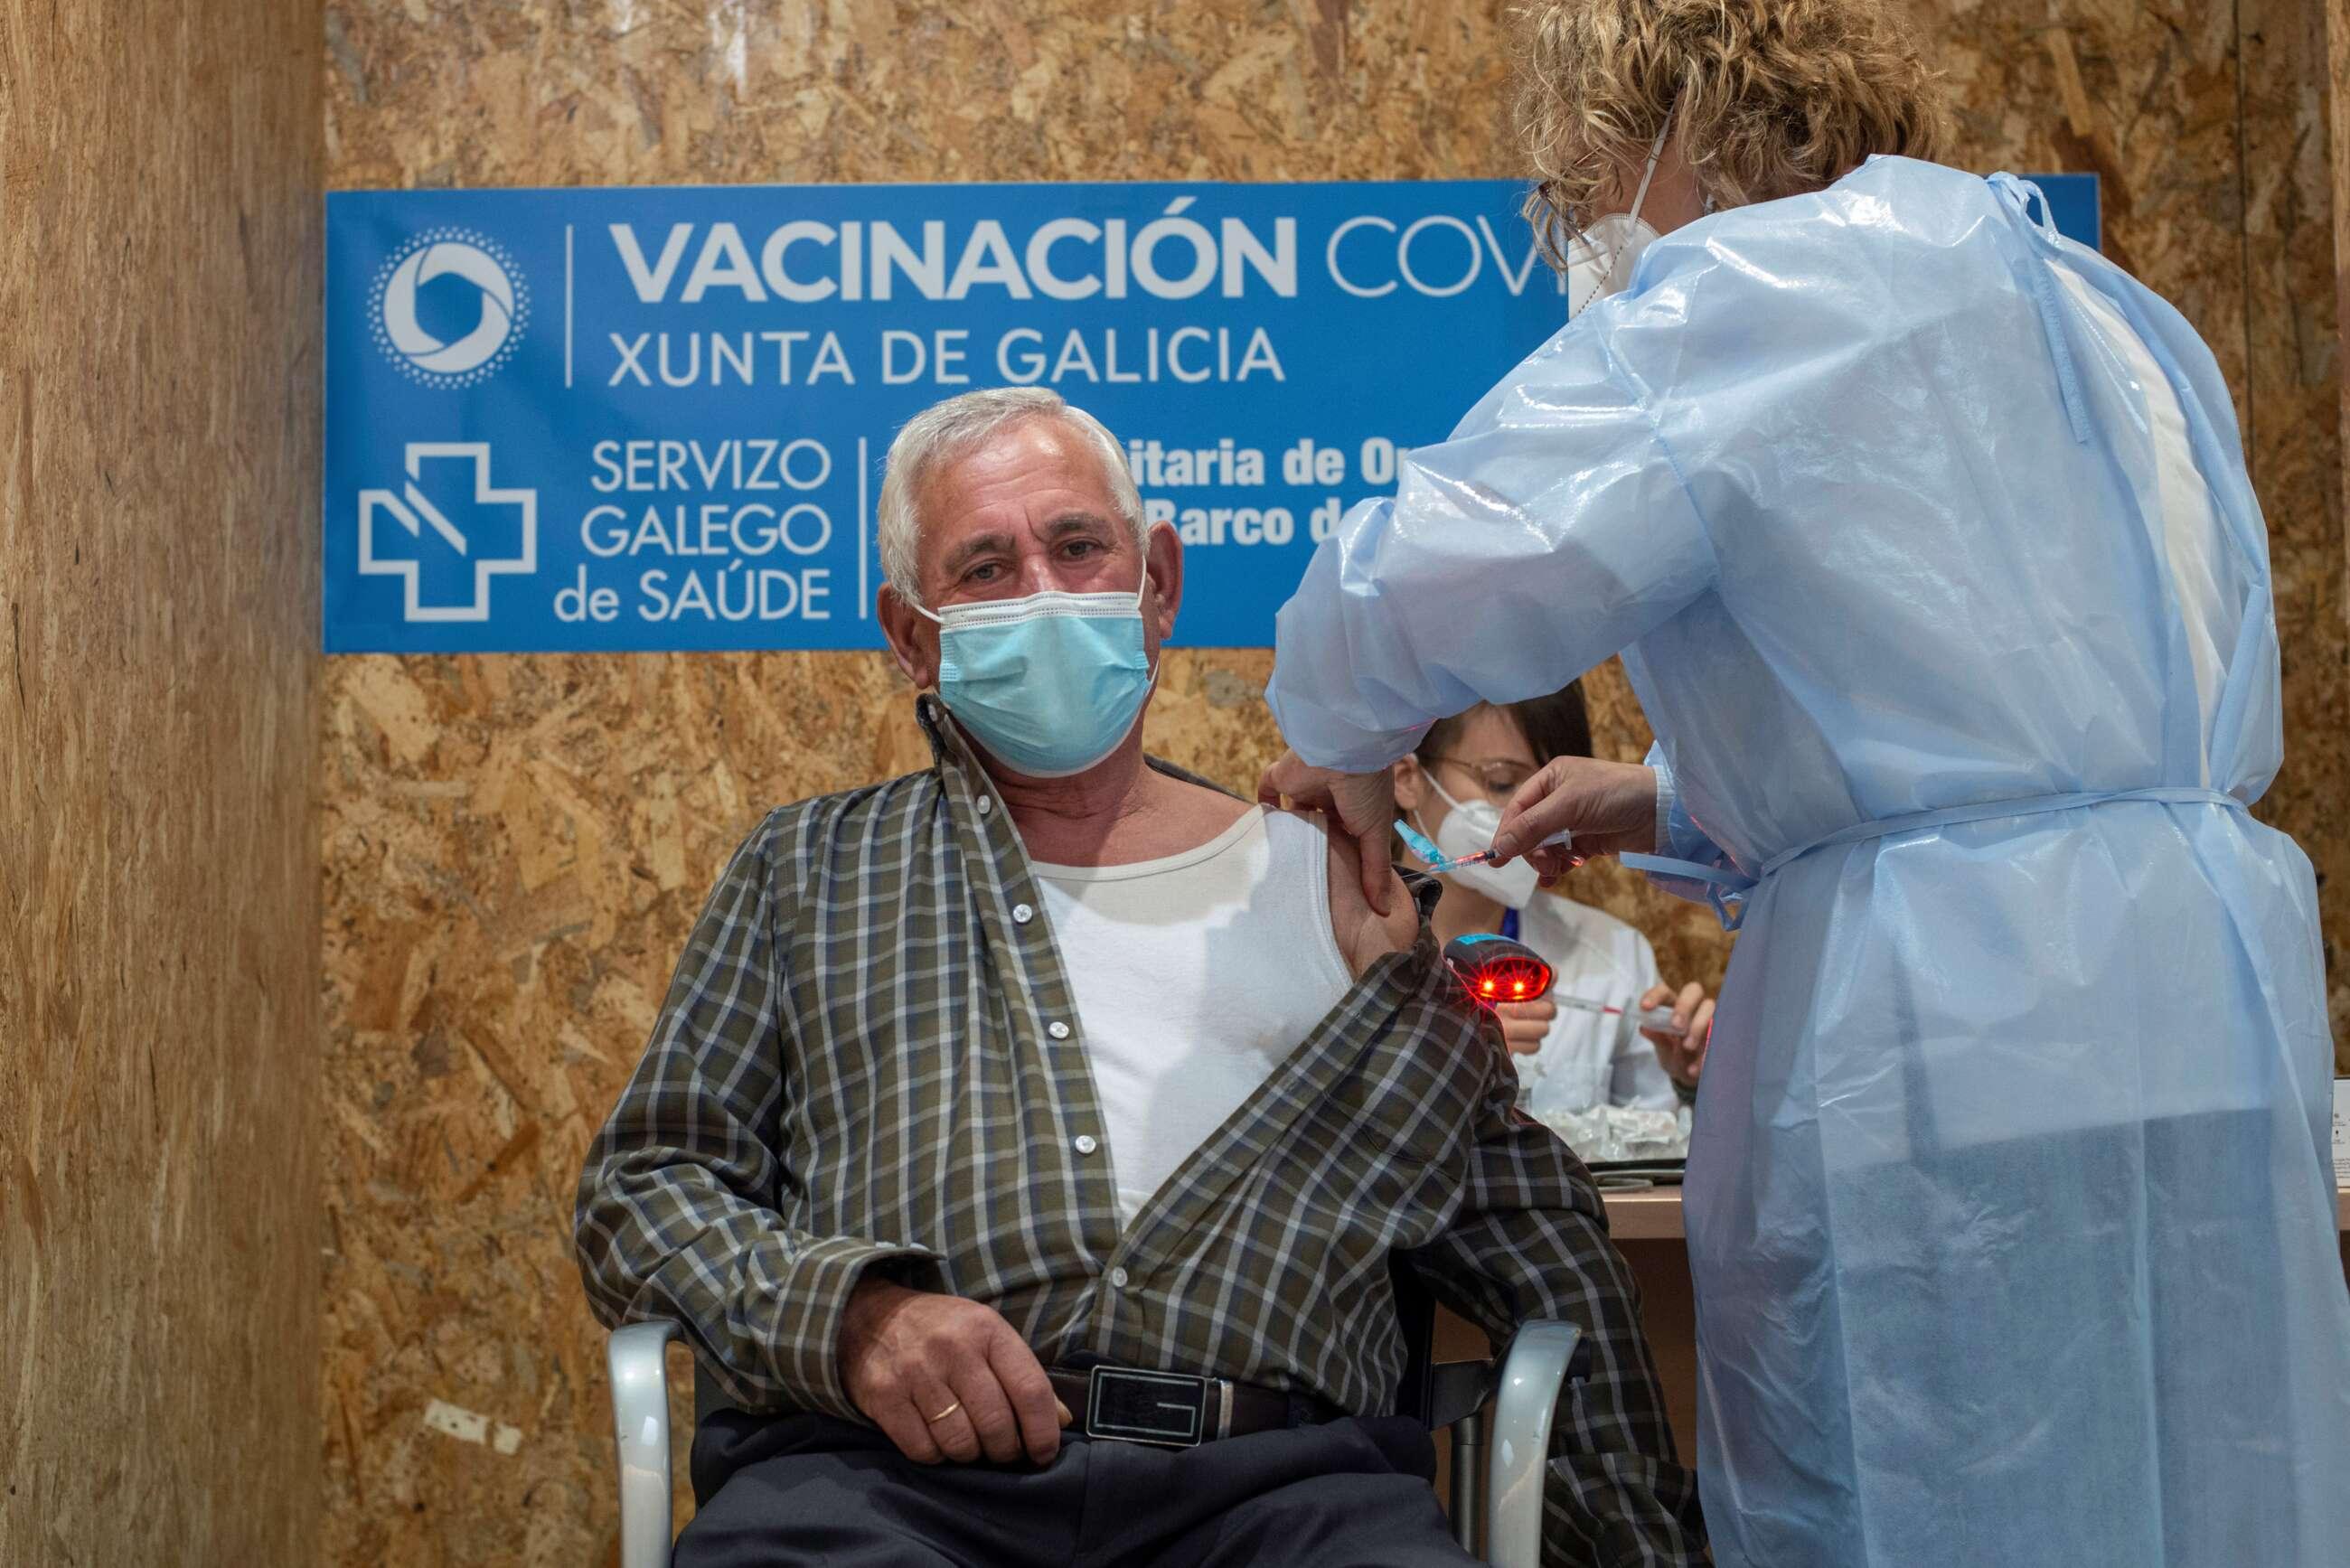 Galicia pone fecha a la tercera dosis de la vacuna para los mayores de 70 años